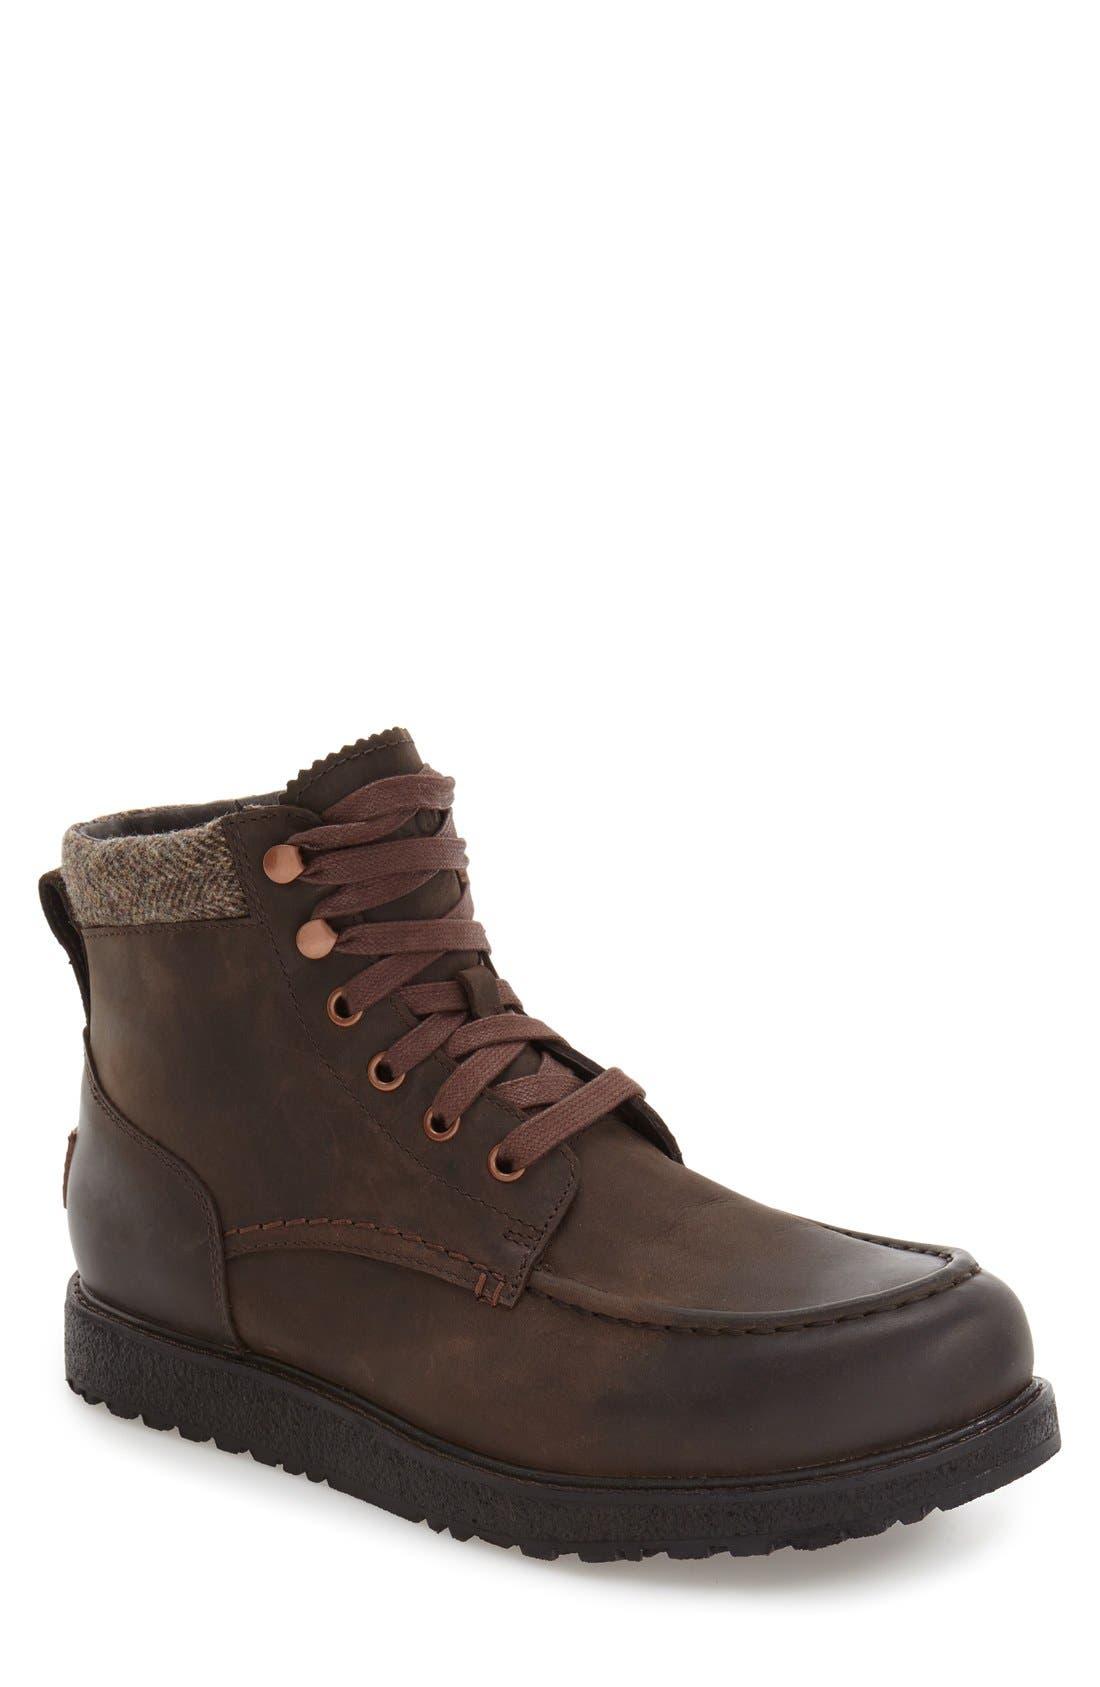 Alternate Image 1 Selected - UGG® Merrick Moc Toe Boot (Men)